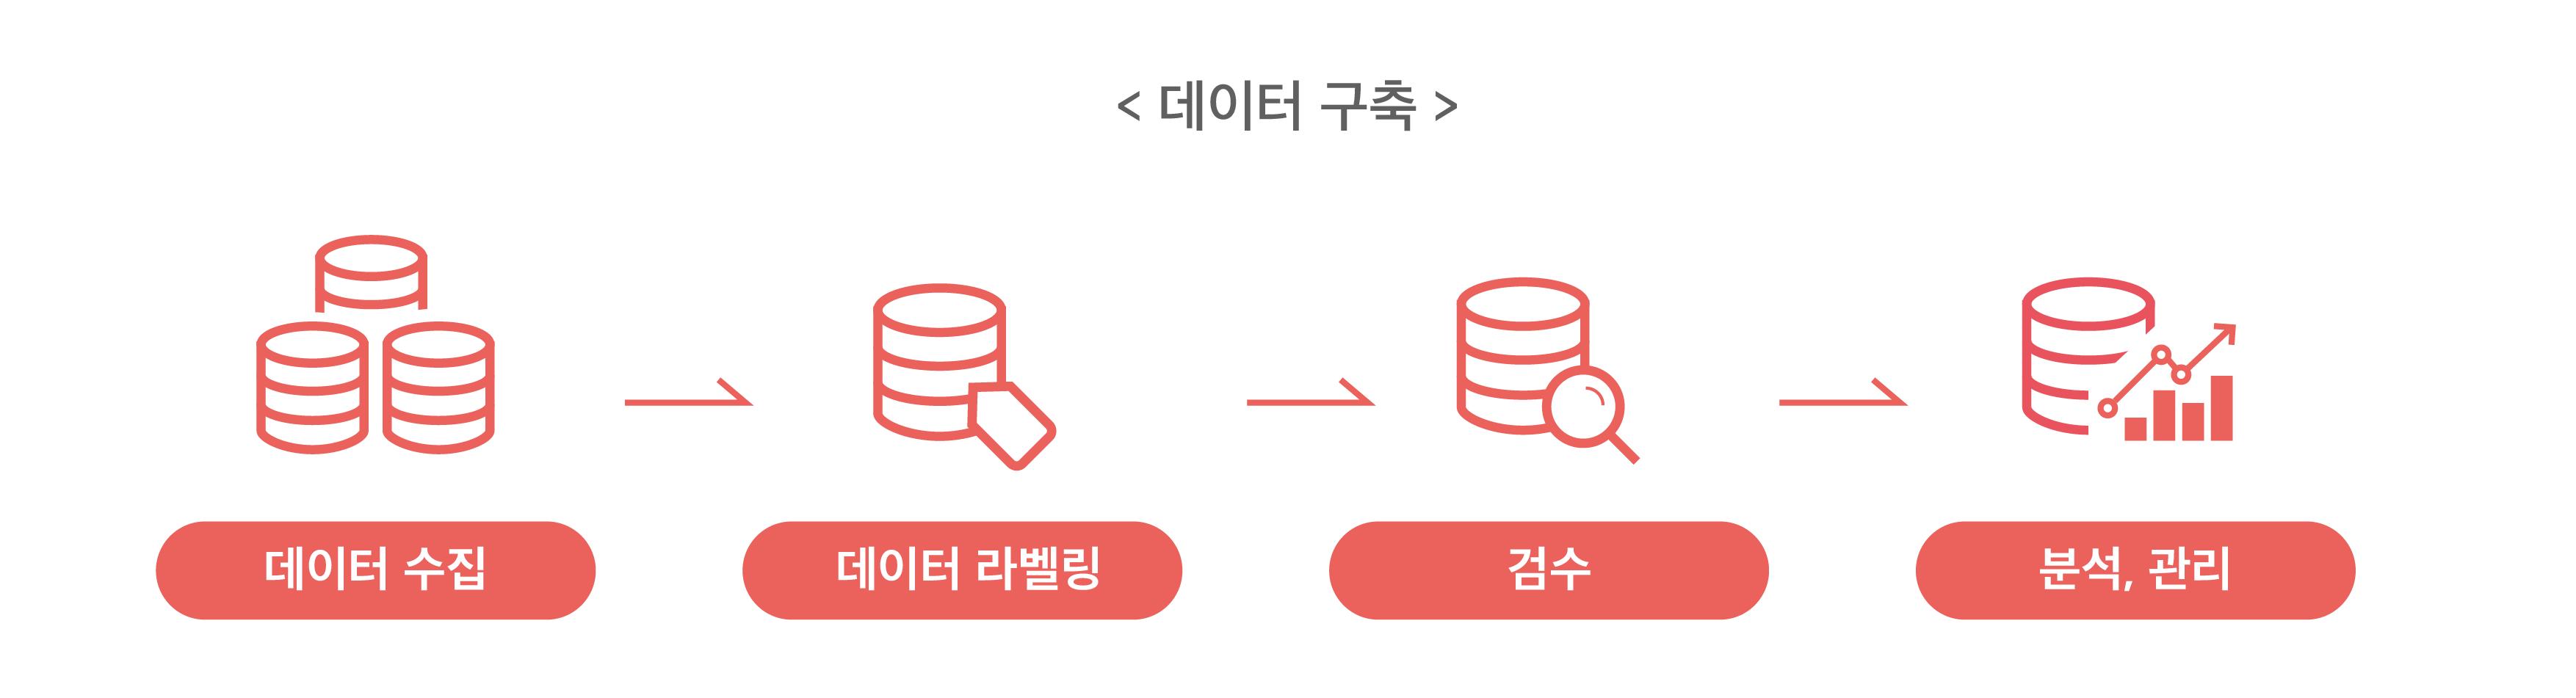 인공지능 데이터 구축의 단계